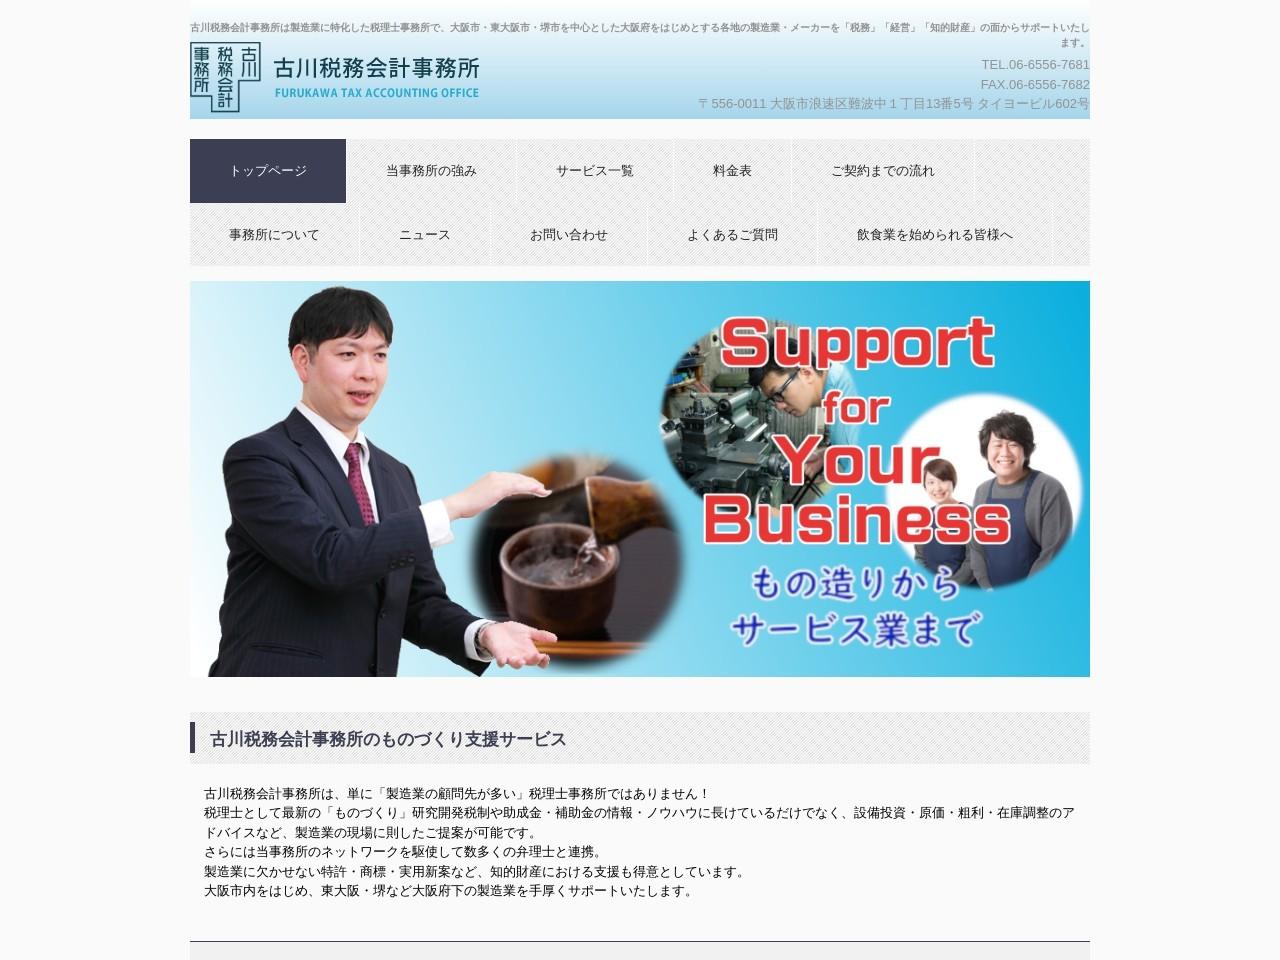 古川税務会計事務所